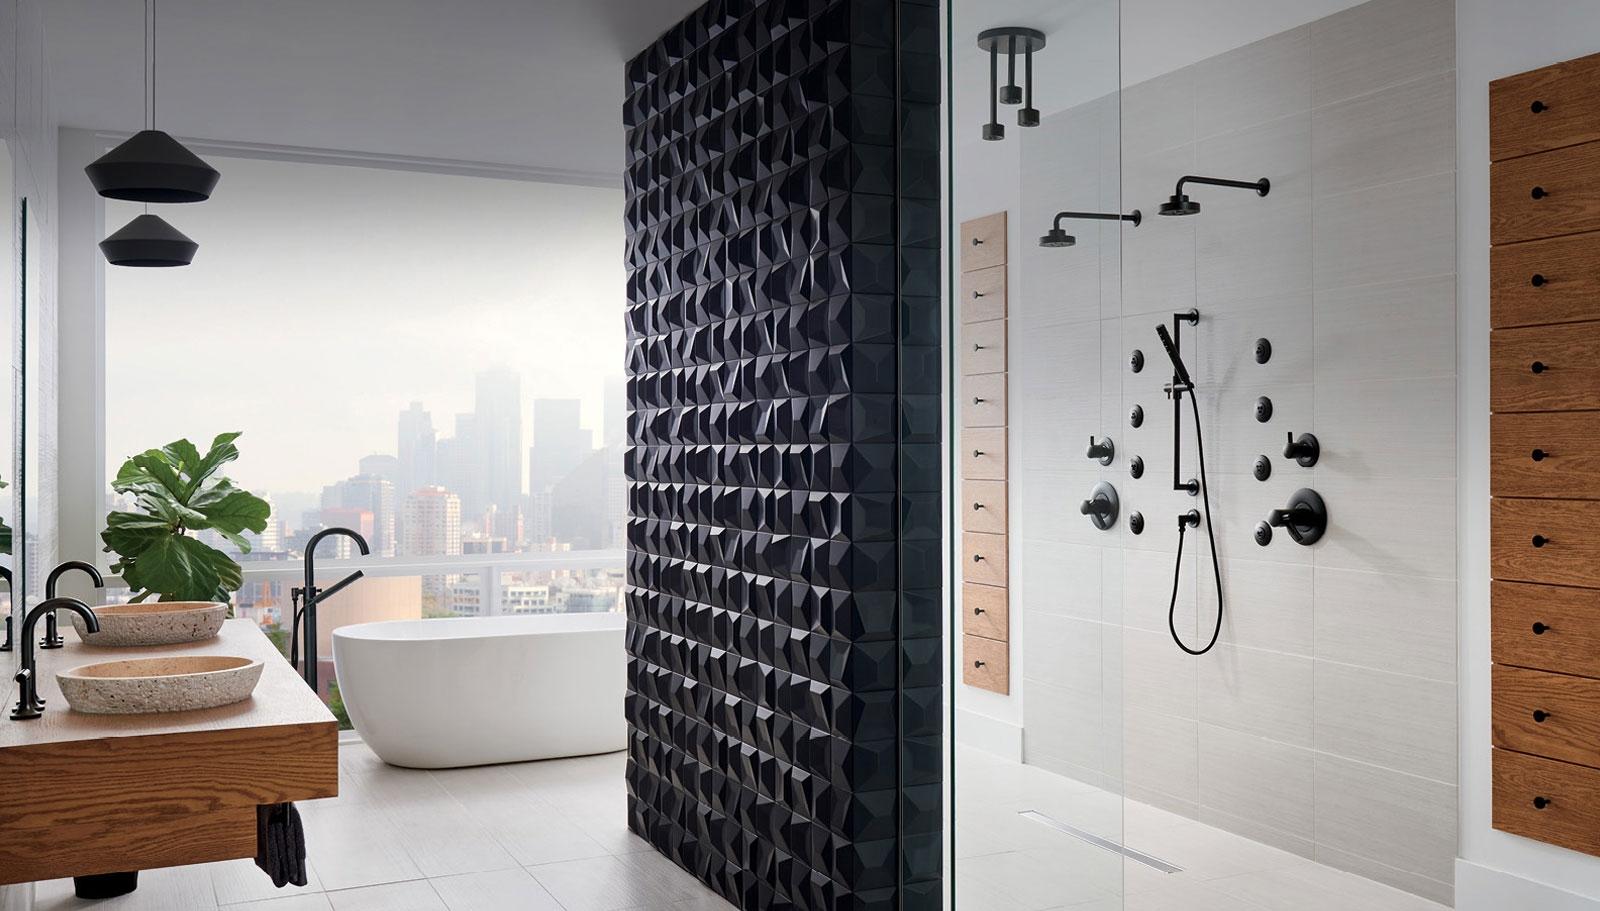 Ideas, brizo odin wall mount faucet brizo odin wall mount faucet jason wu for brizo bath brizo 1600 x 911  .